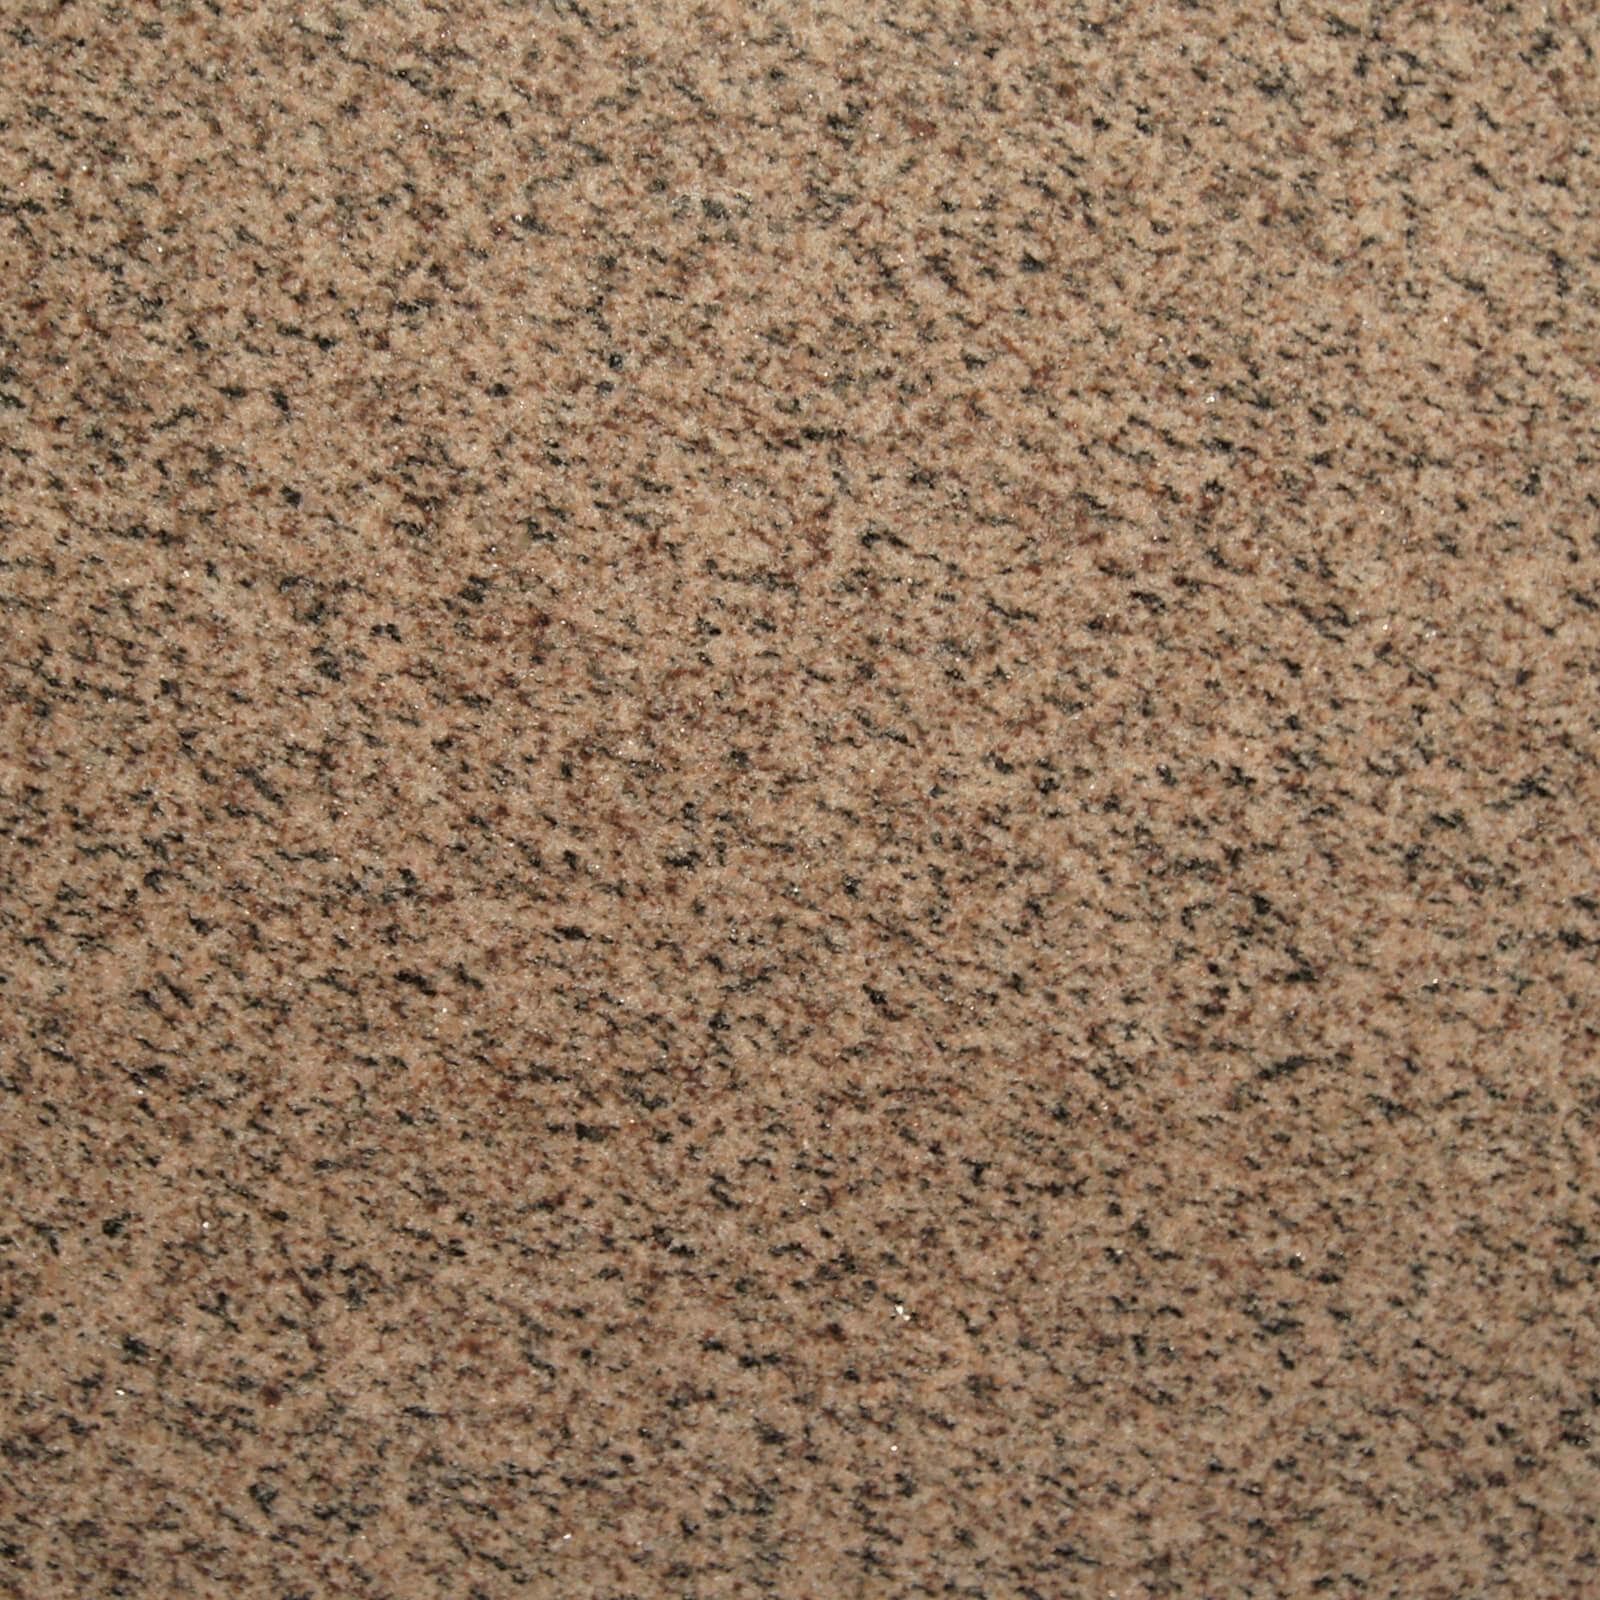 Cappuccino Sand